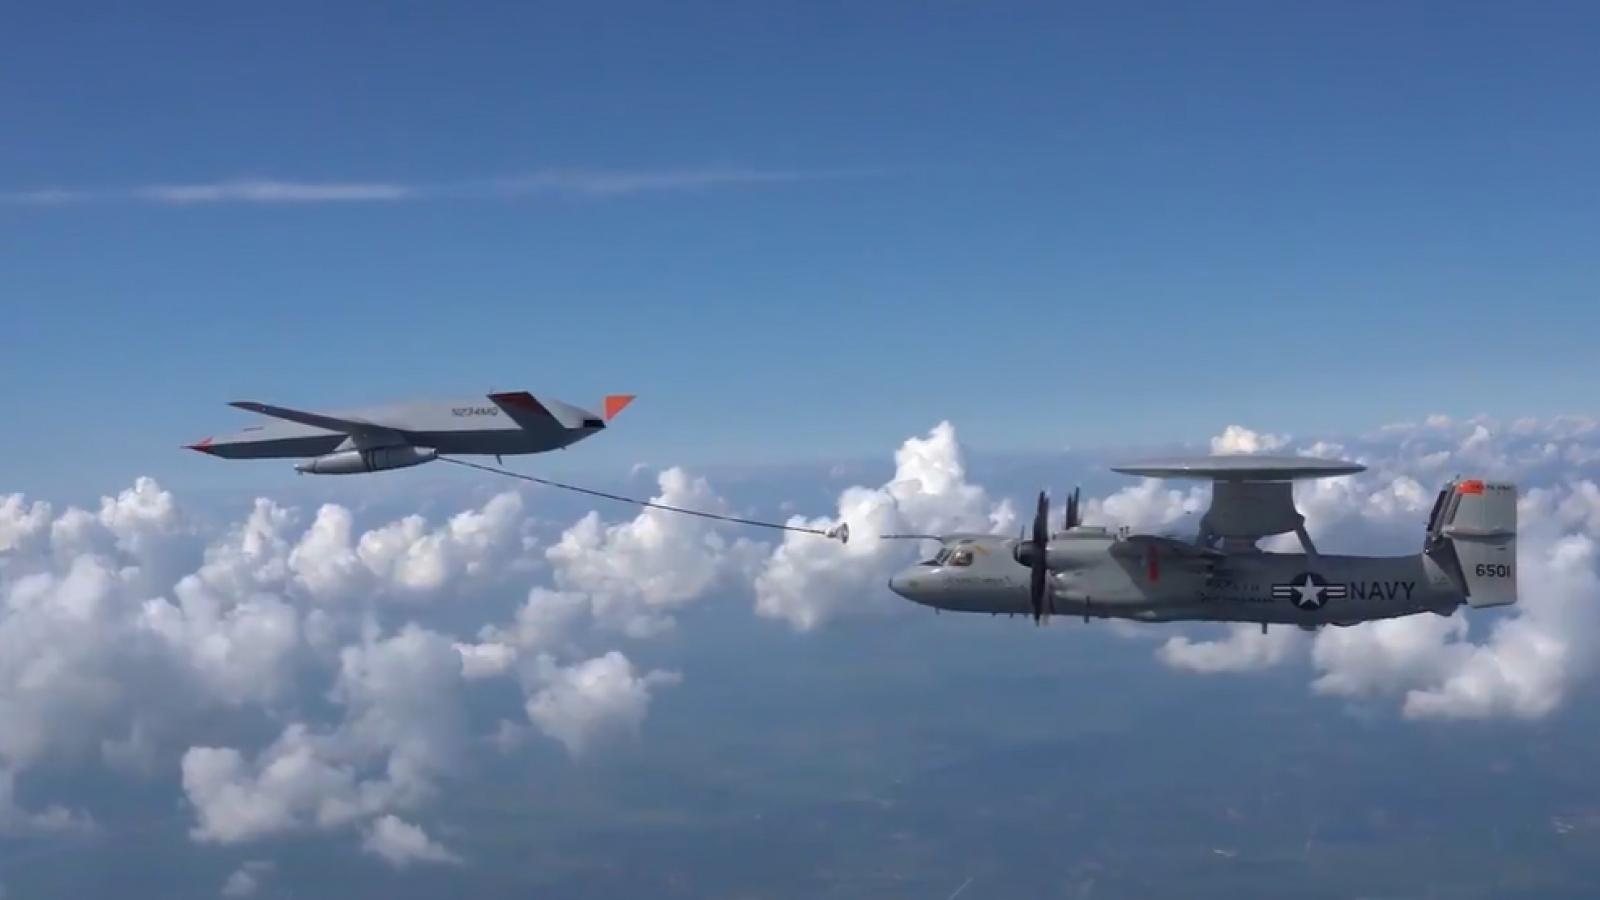 UAV MQ-25 lần đầu tiếp nhiên liệu trên không cho máy bay cảnh báo sớm E-2D